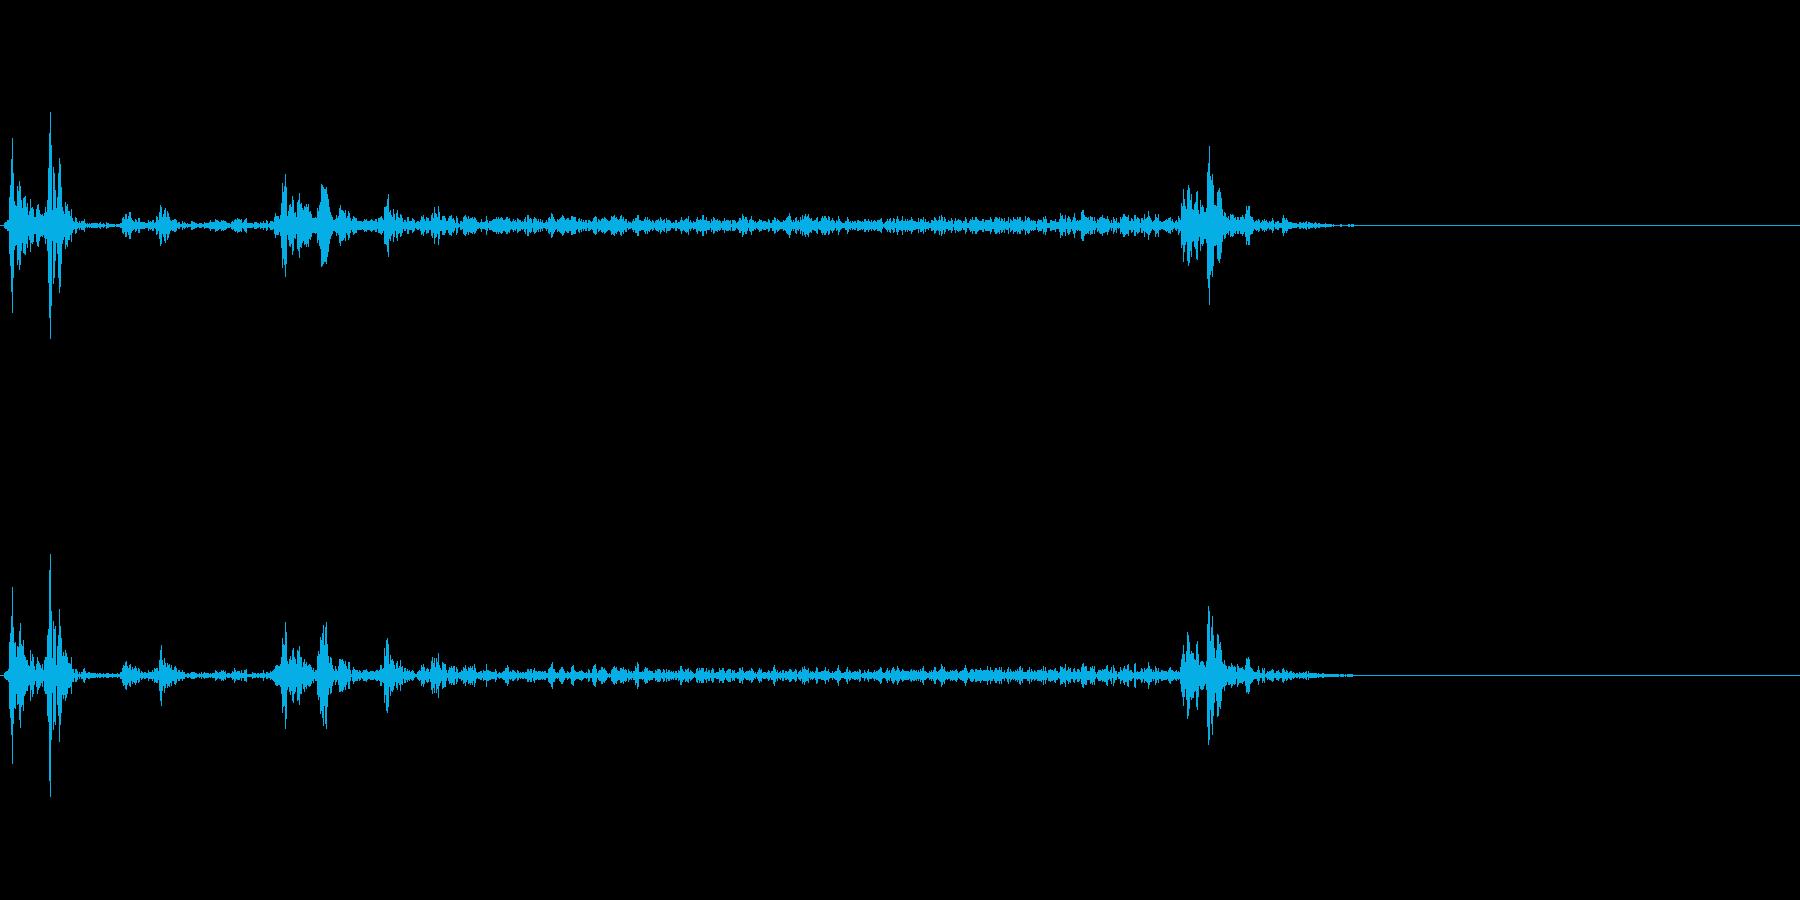 スマートフォンで鳴るカメラのシャッター音の再生済みの波形